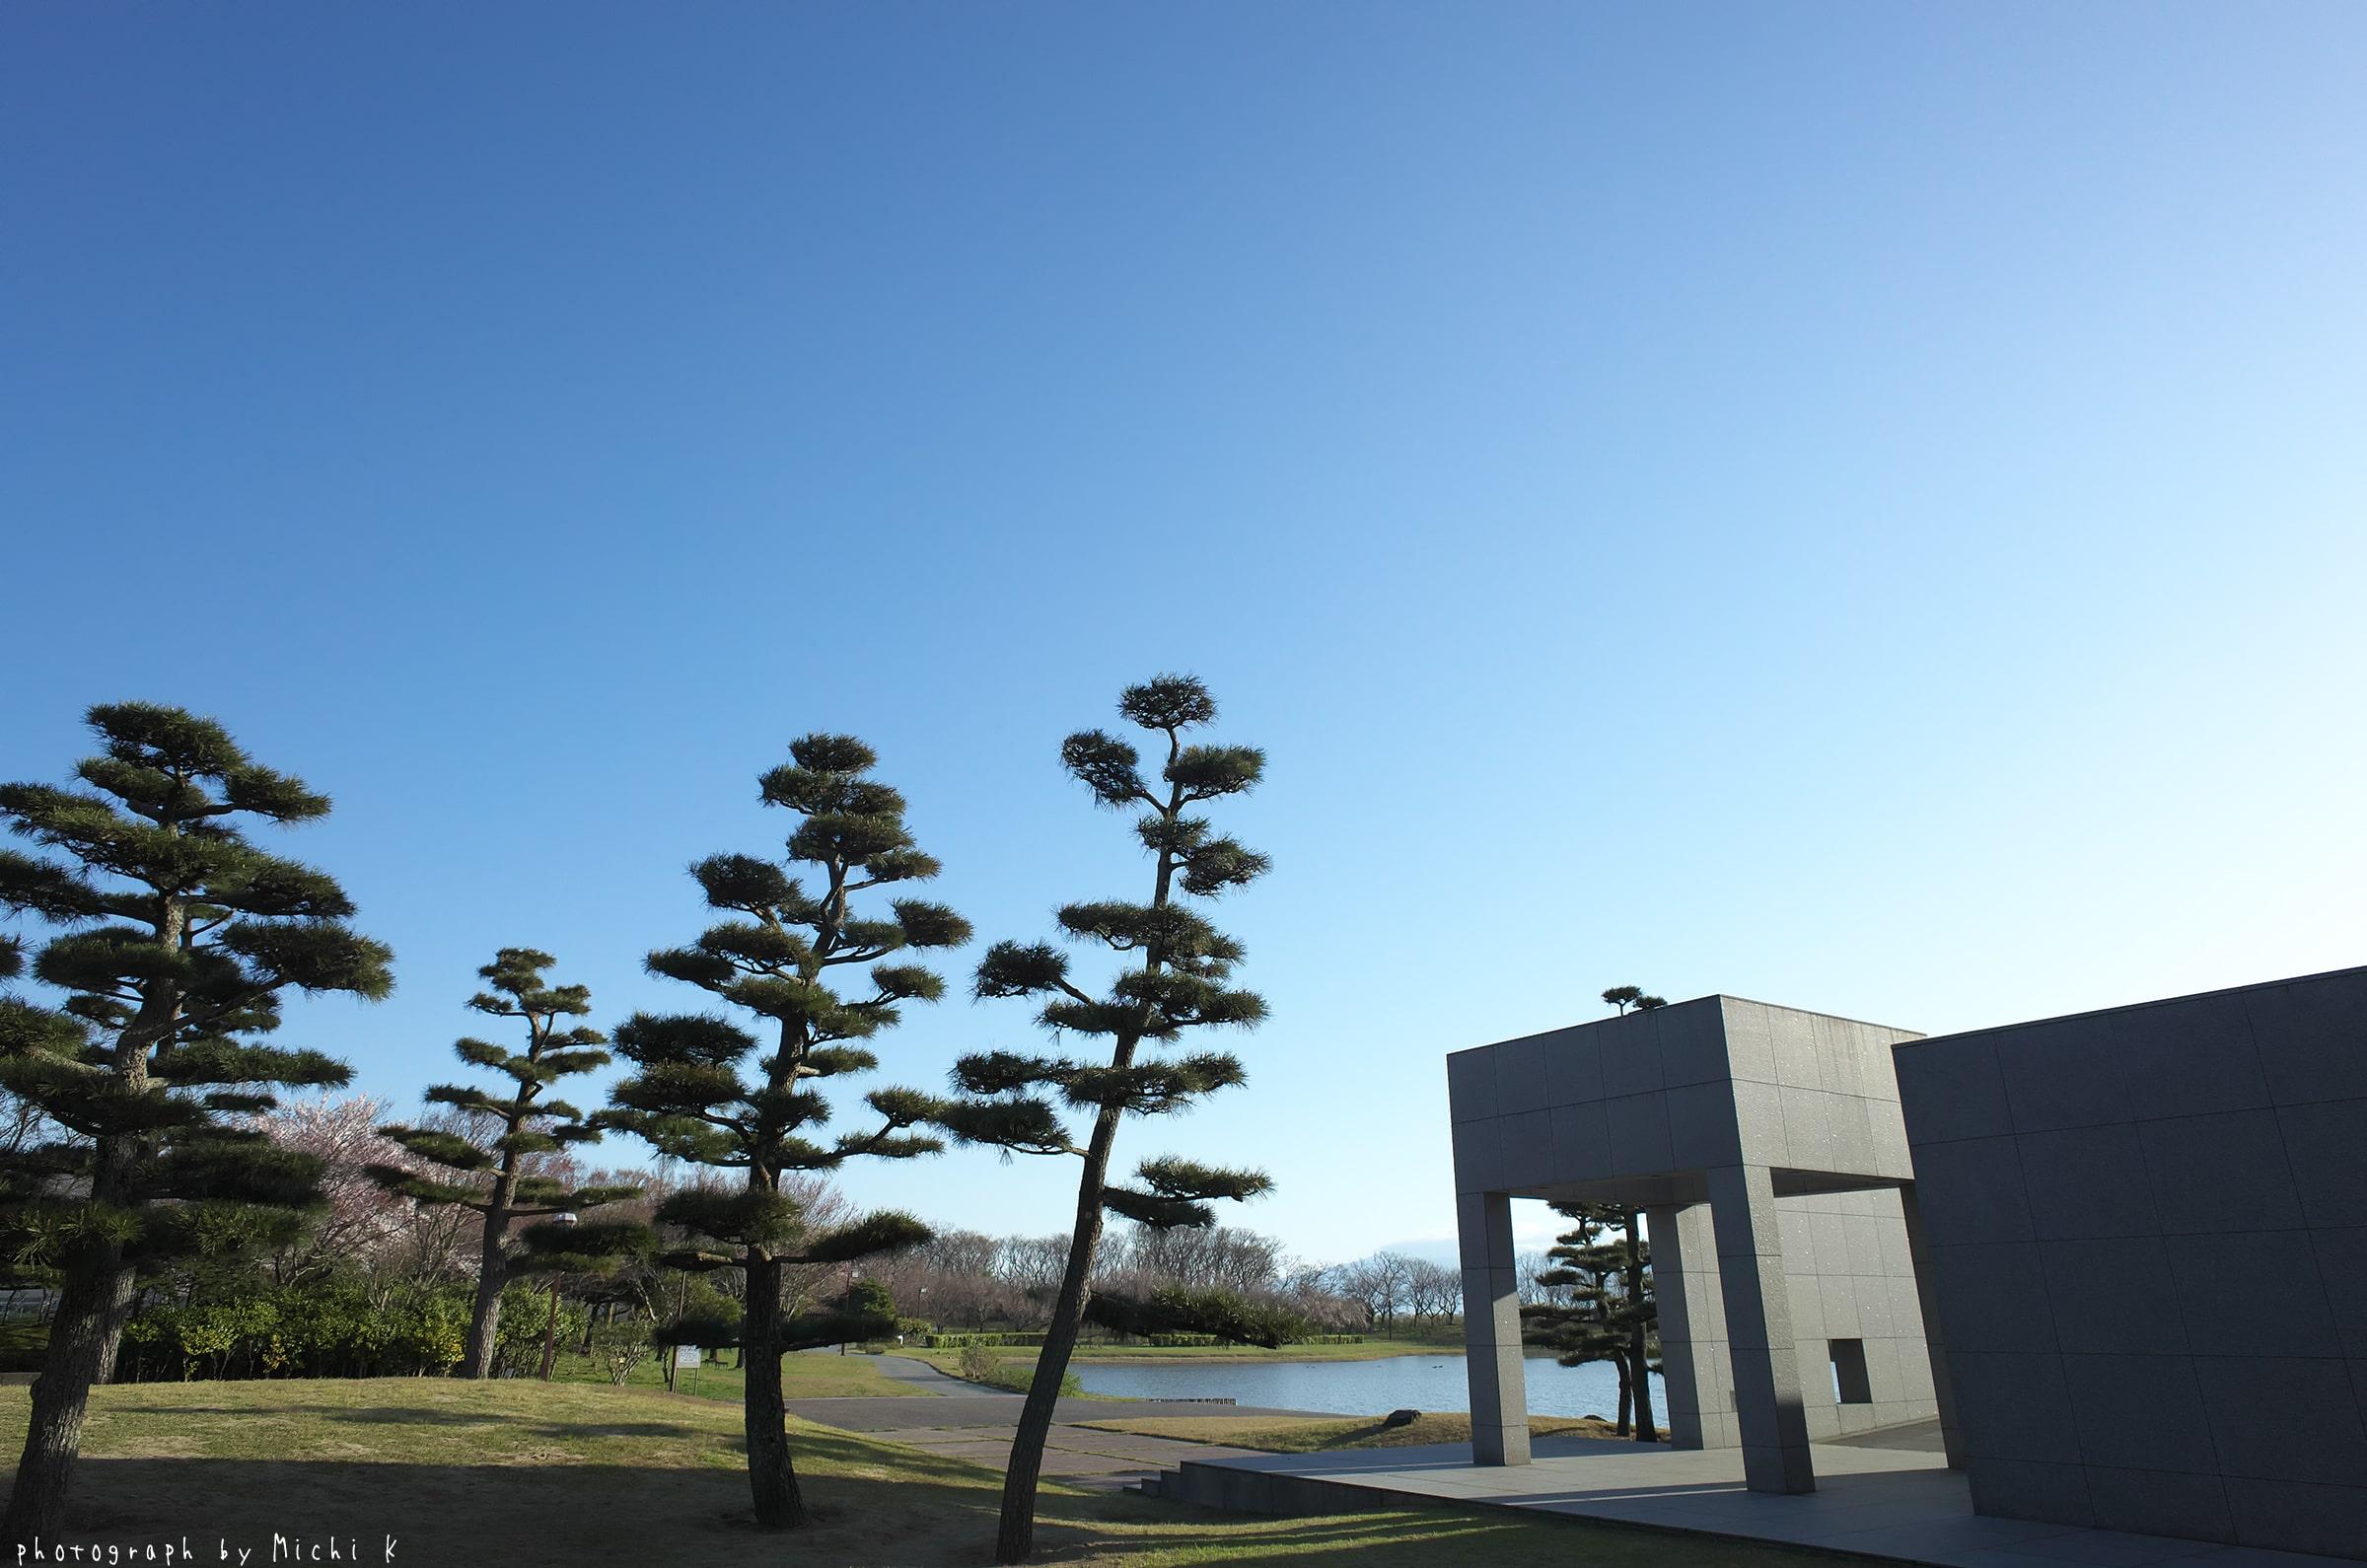 土門拳記念館2019-4-20 朝(写真その3)